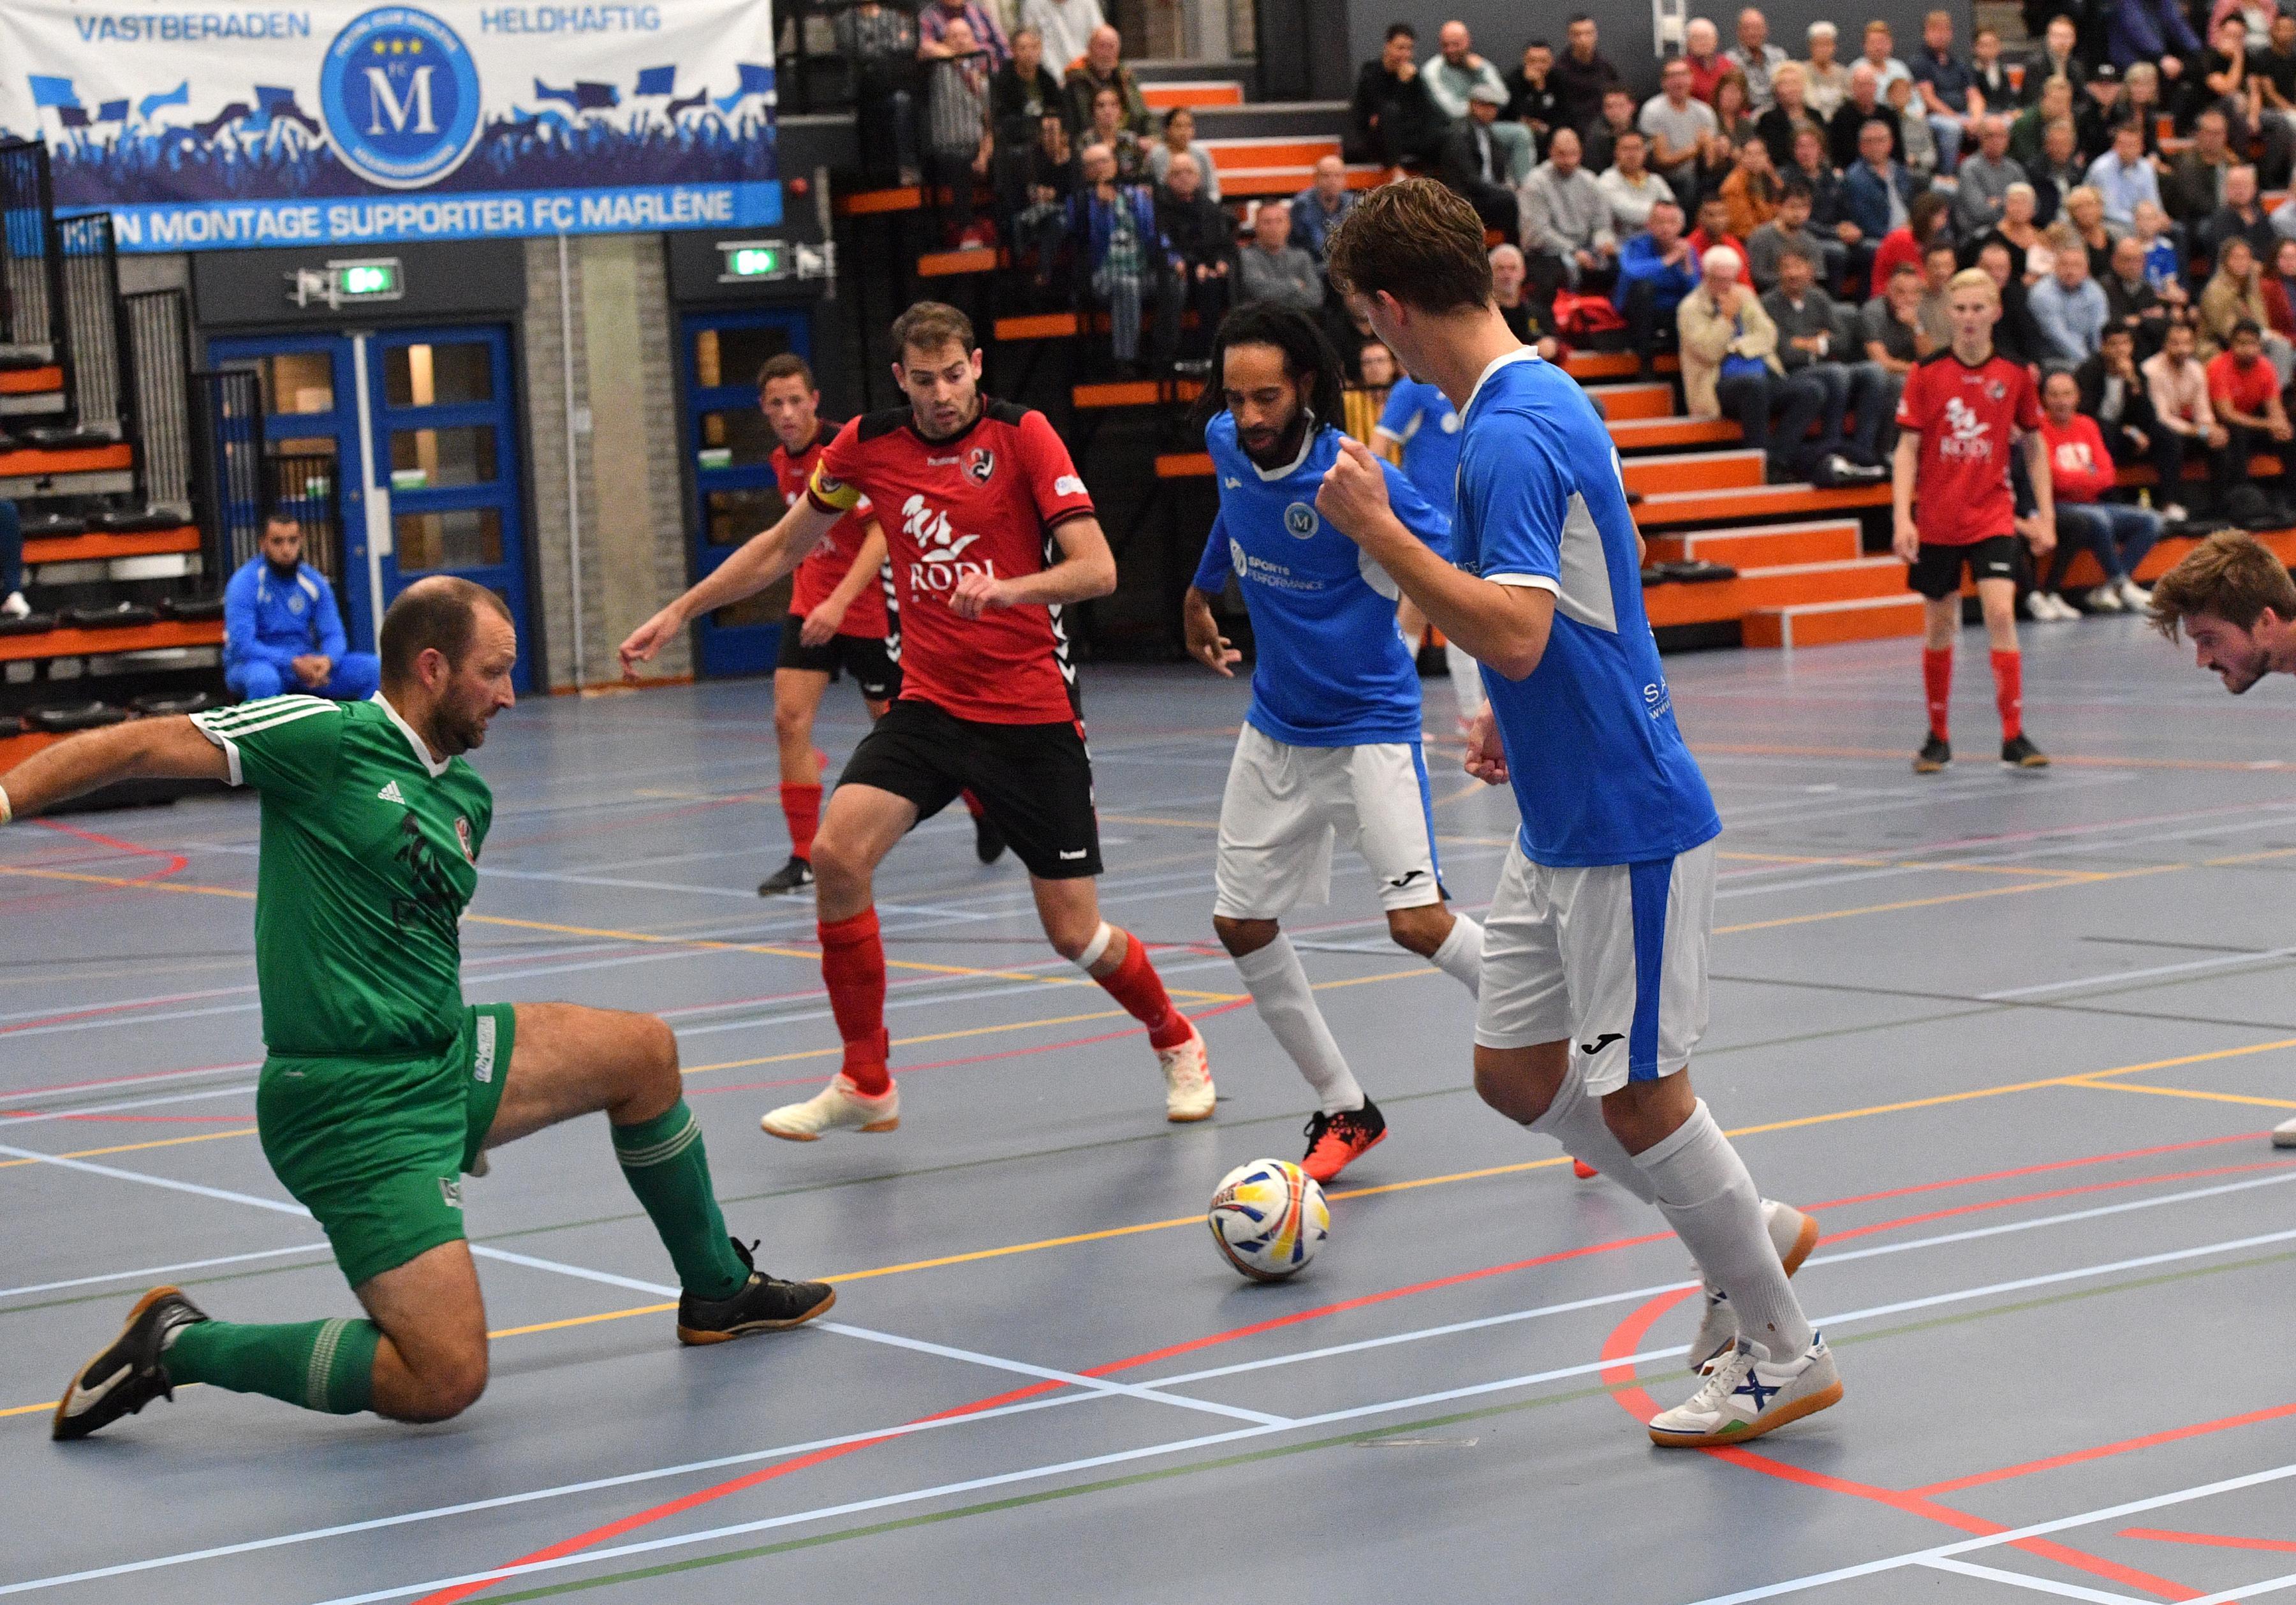 Dubbele cijfers hoeven dit keer niet voor zaalvoetballers FC Marlène in derby tegen White Stones